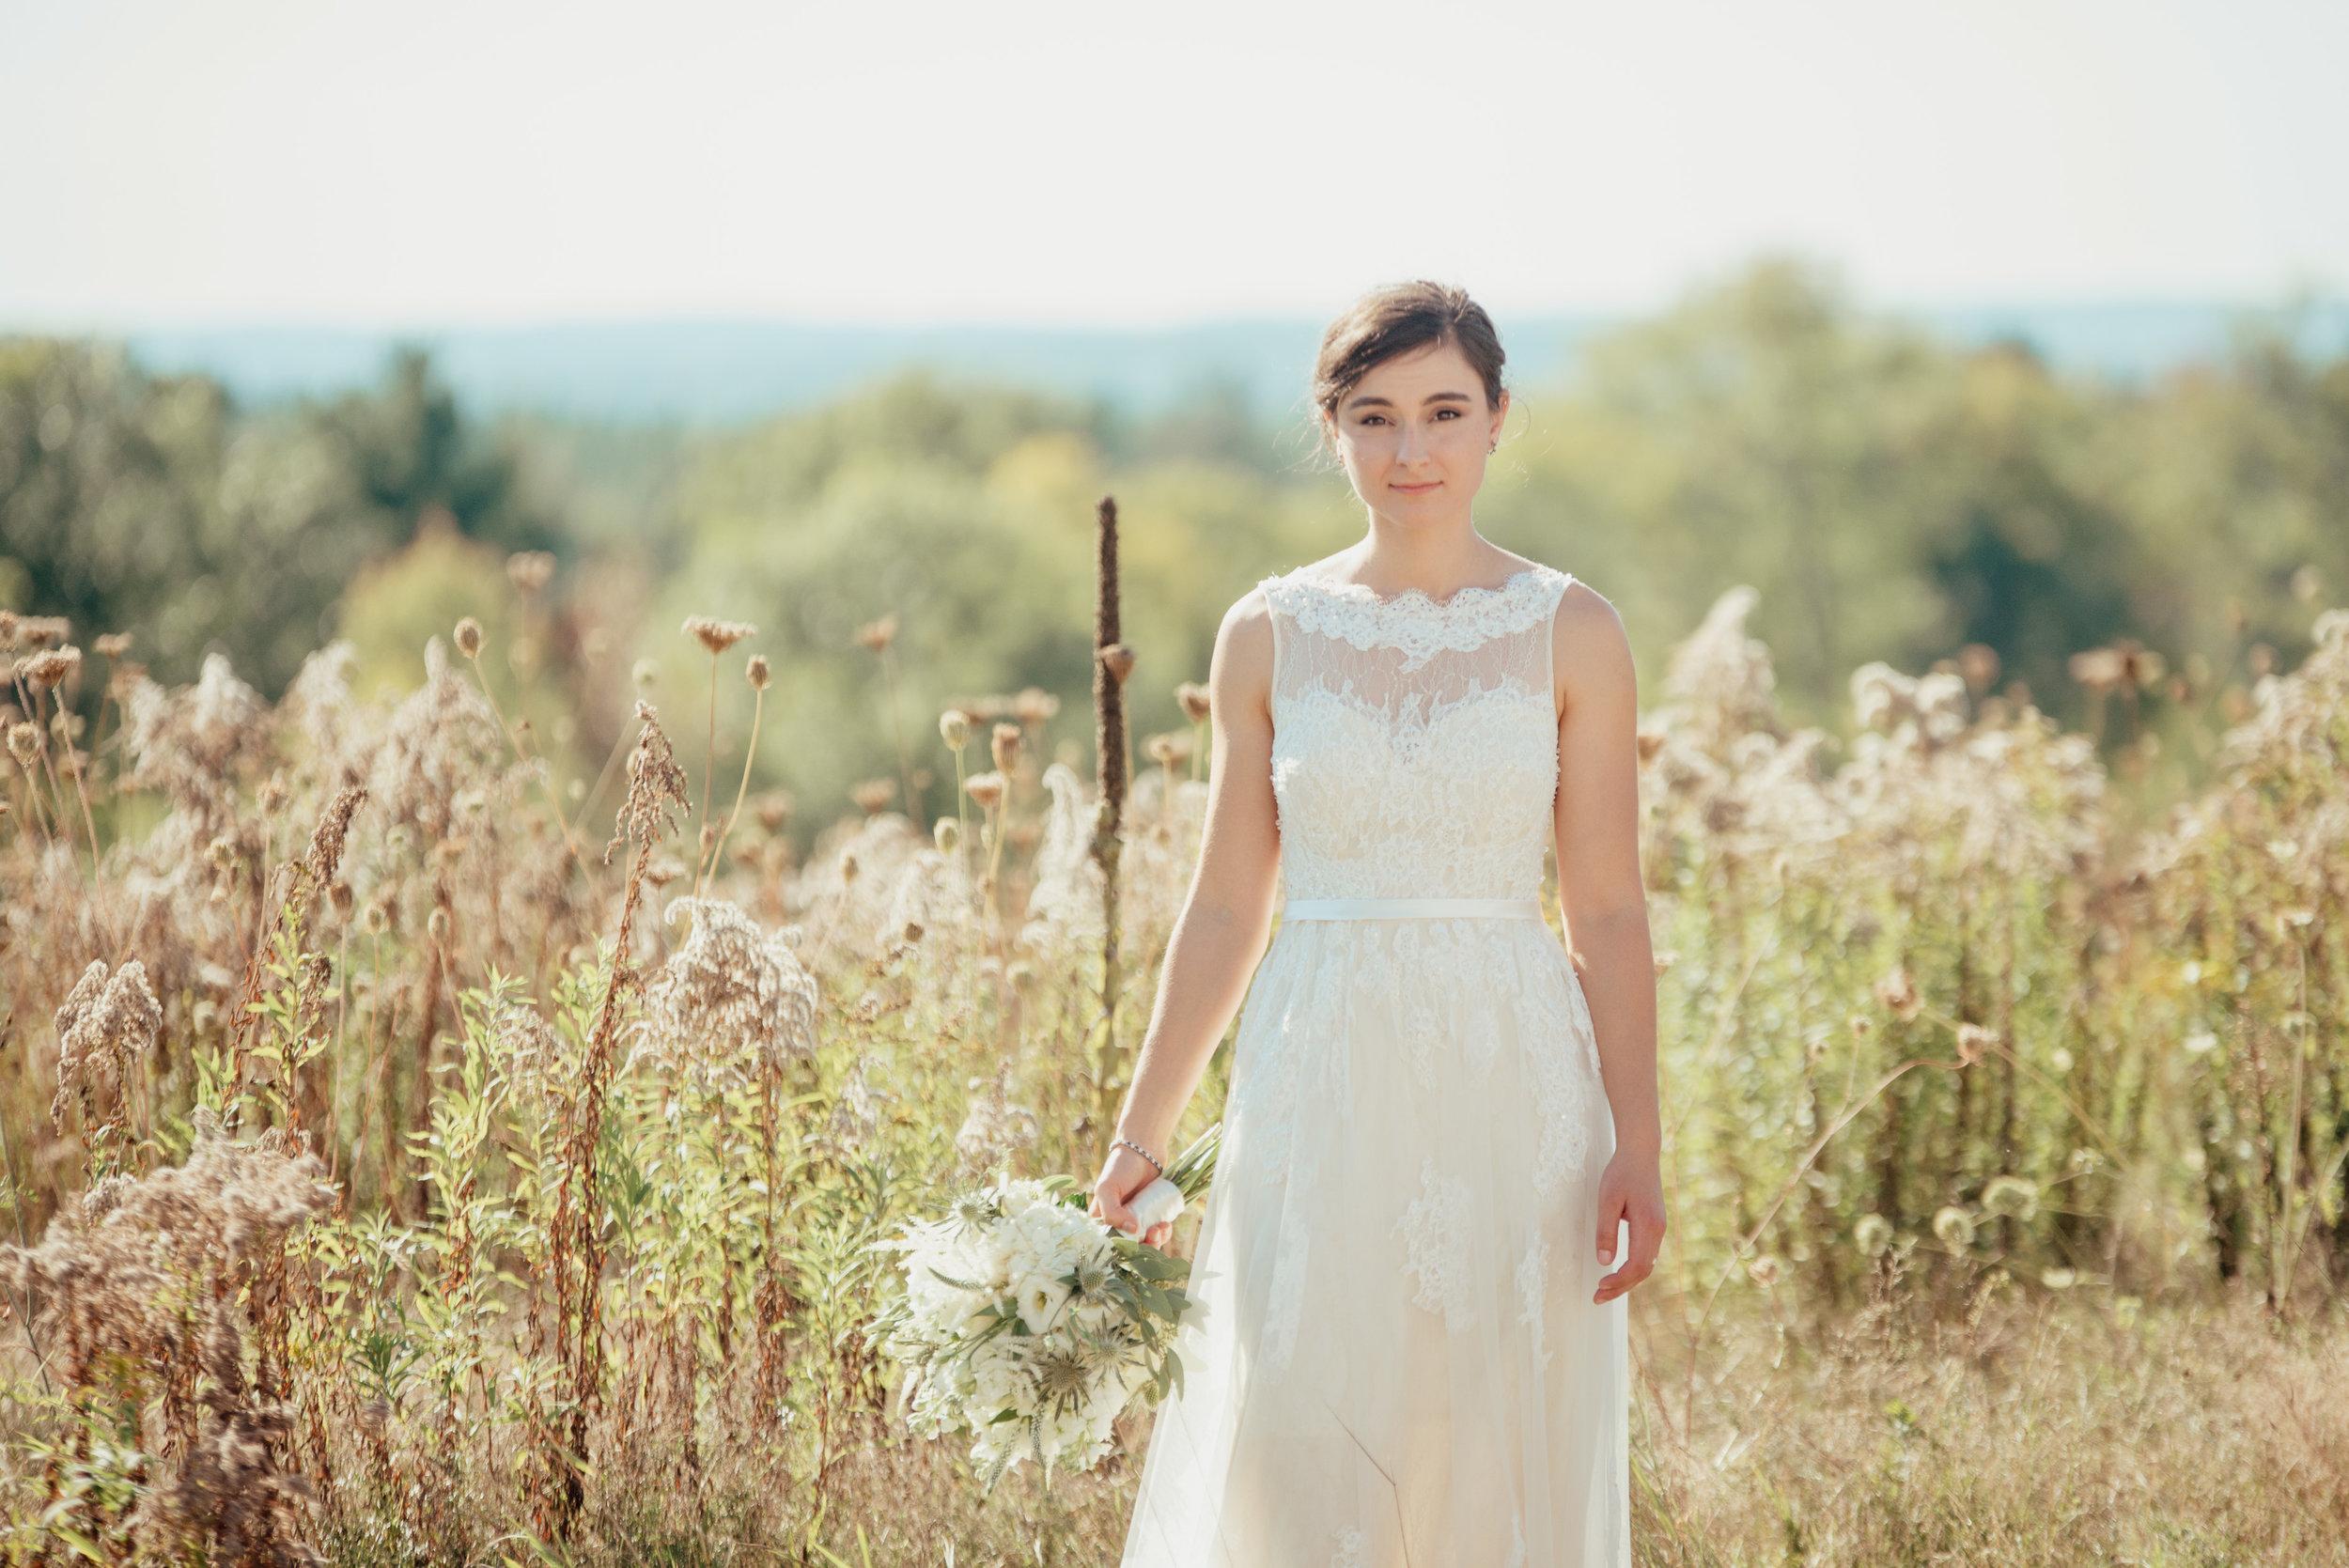 cleland-studios-weddings-16.jpg